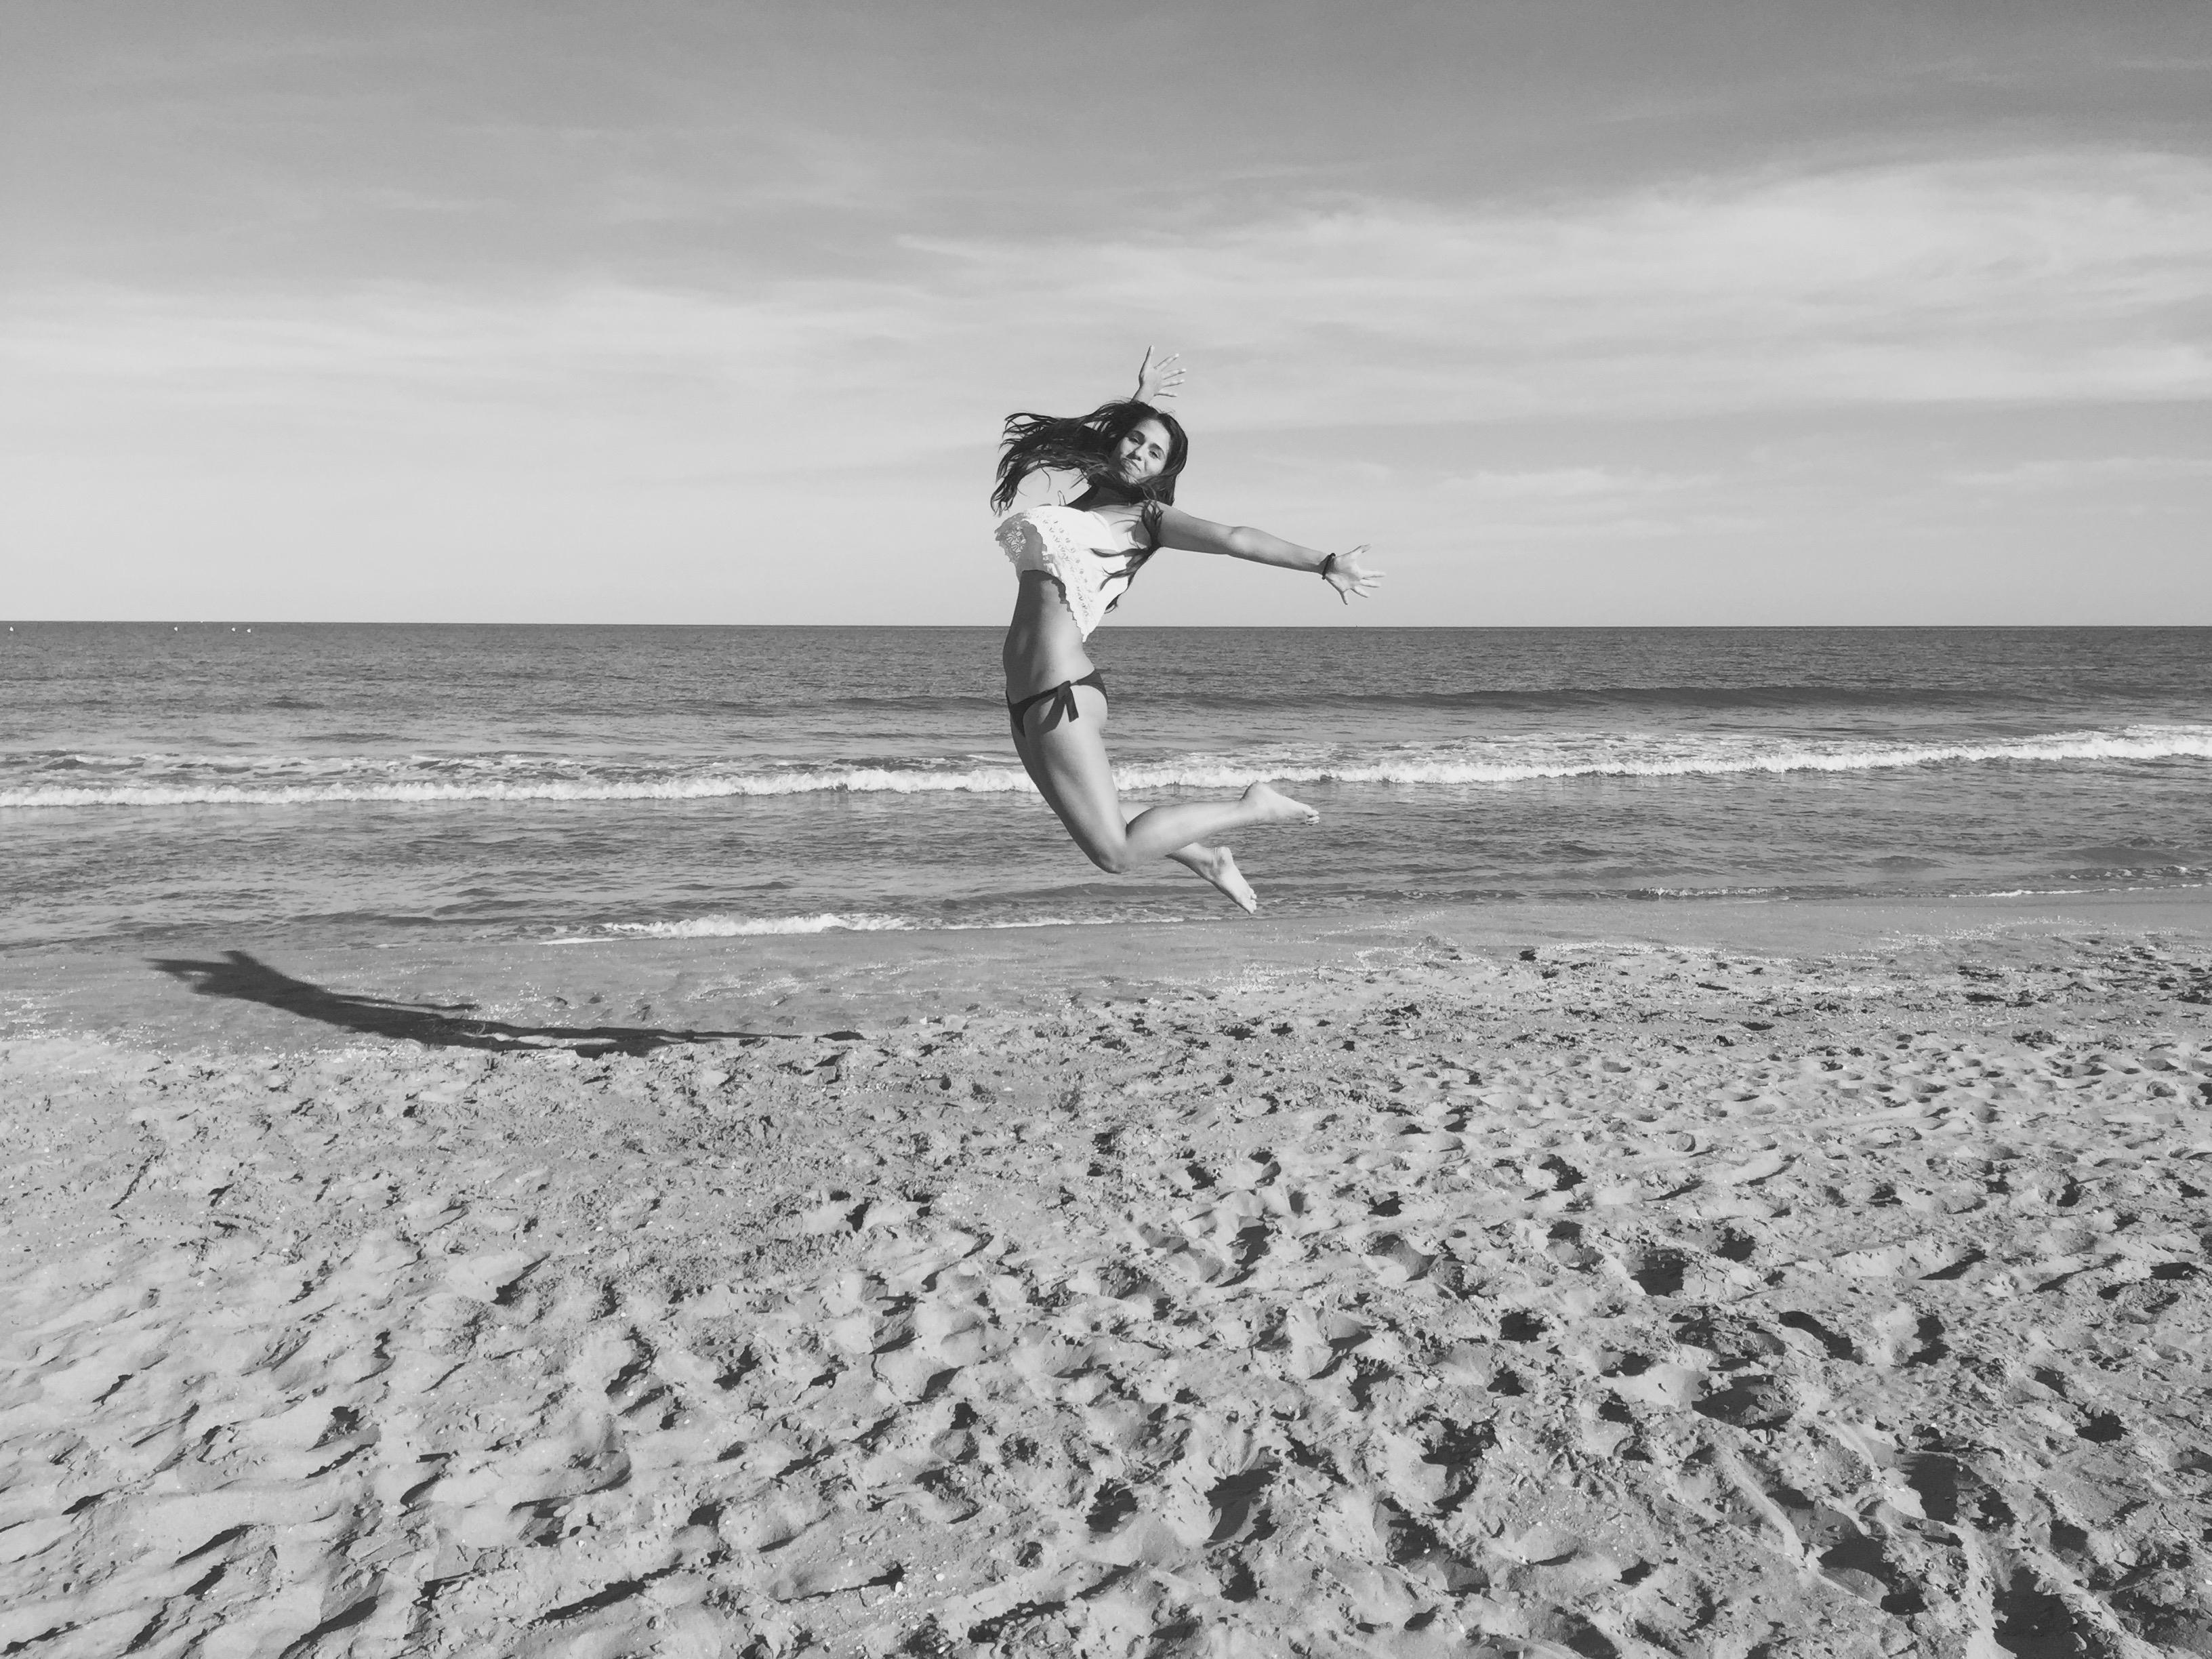 Les 8 coses que has de fer per oblidar-te de la retenció de líquids